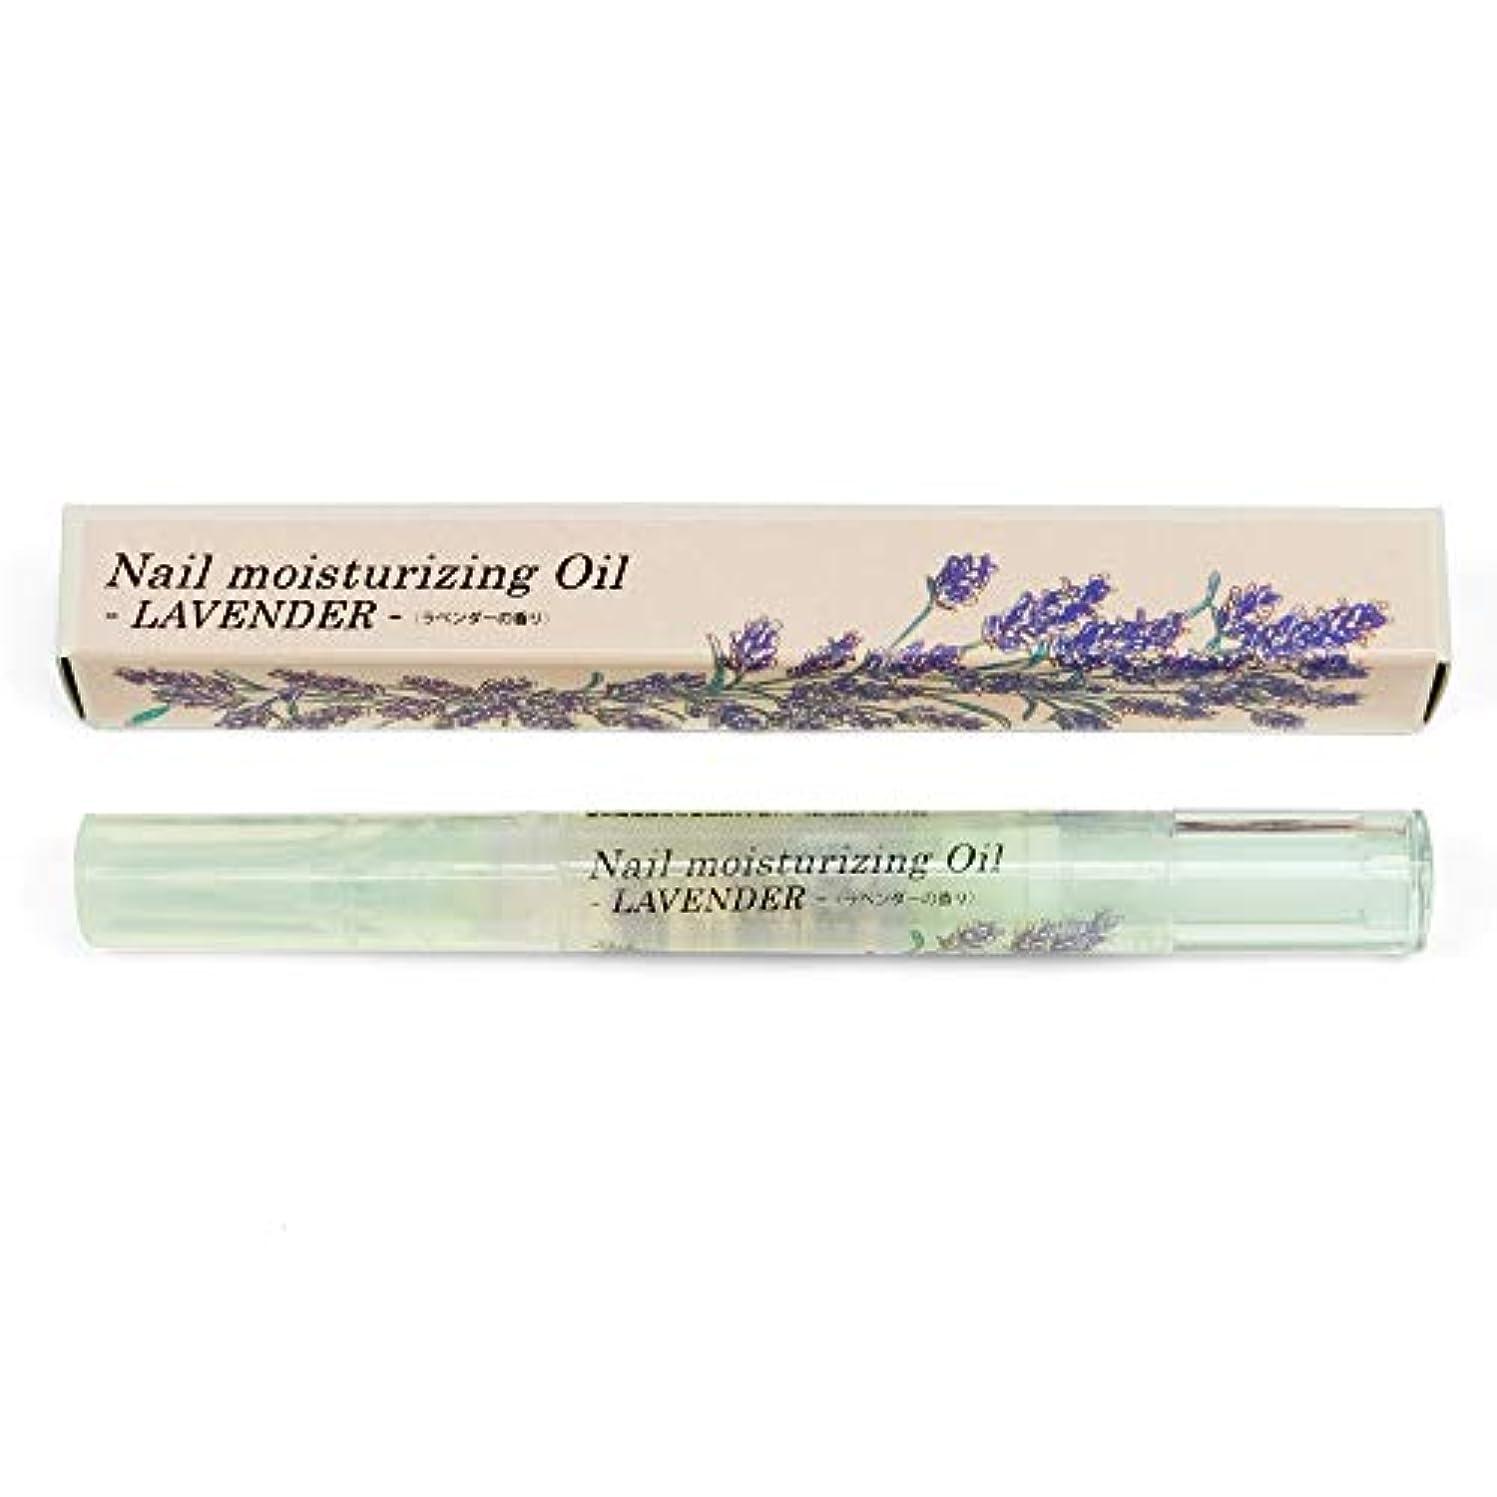 クリスチャン解き明かす非武装化ease Nail moisturizing Oil ネイルオイルペン(ラベンダーの香り) 2ml